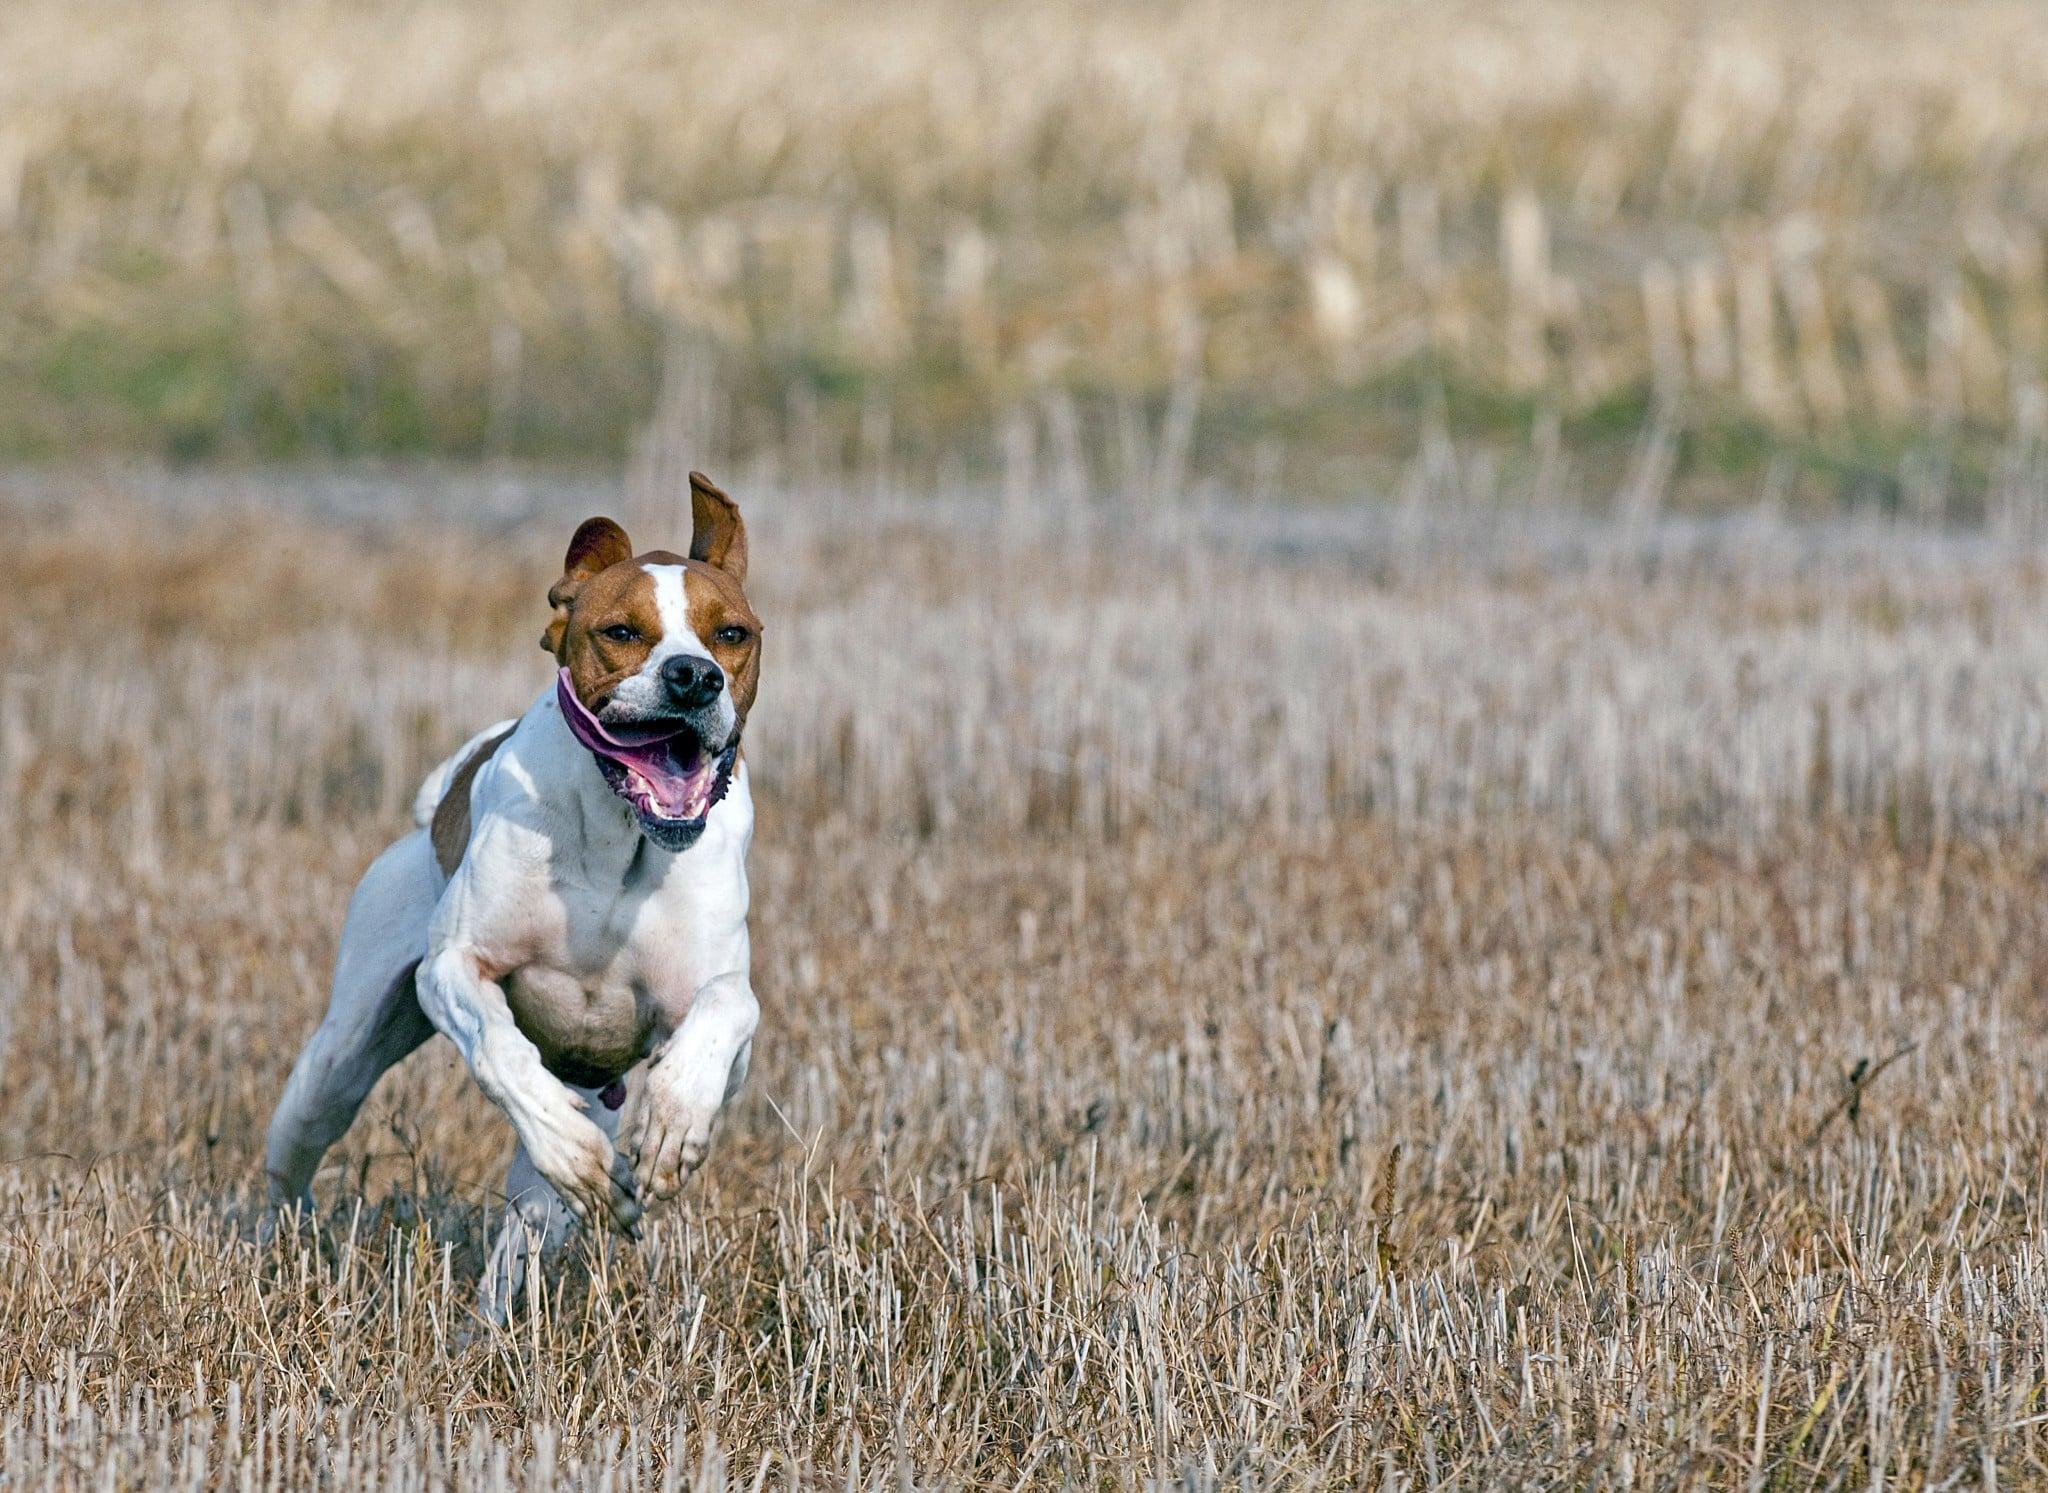 Jakten ställer hårda krav på hunden. För att klara dessa uppgifter krävs en väl sammansatt kost, så att hundens näringsbehov tillgodoses. Foto: Jan Henricson